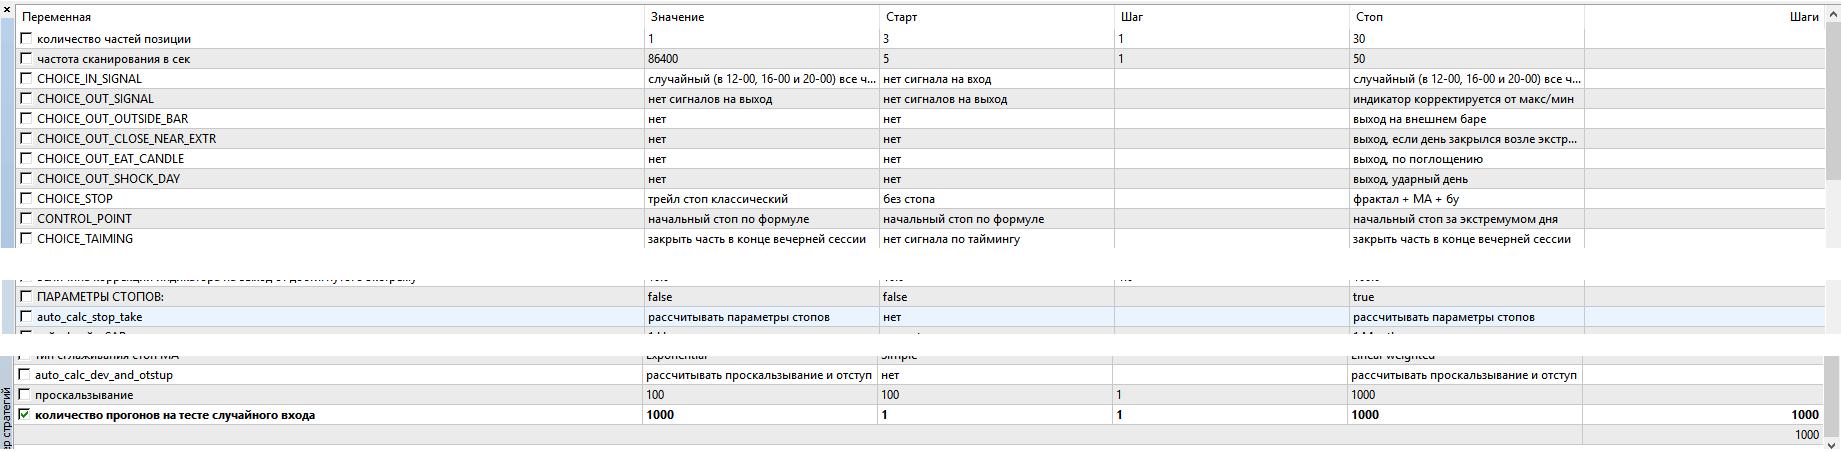 Настройка параметров для теста классического трейлинг стопа